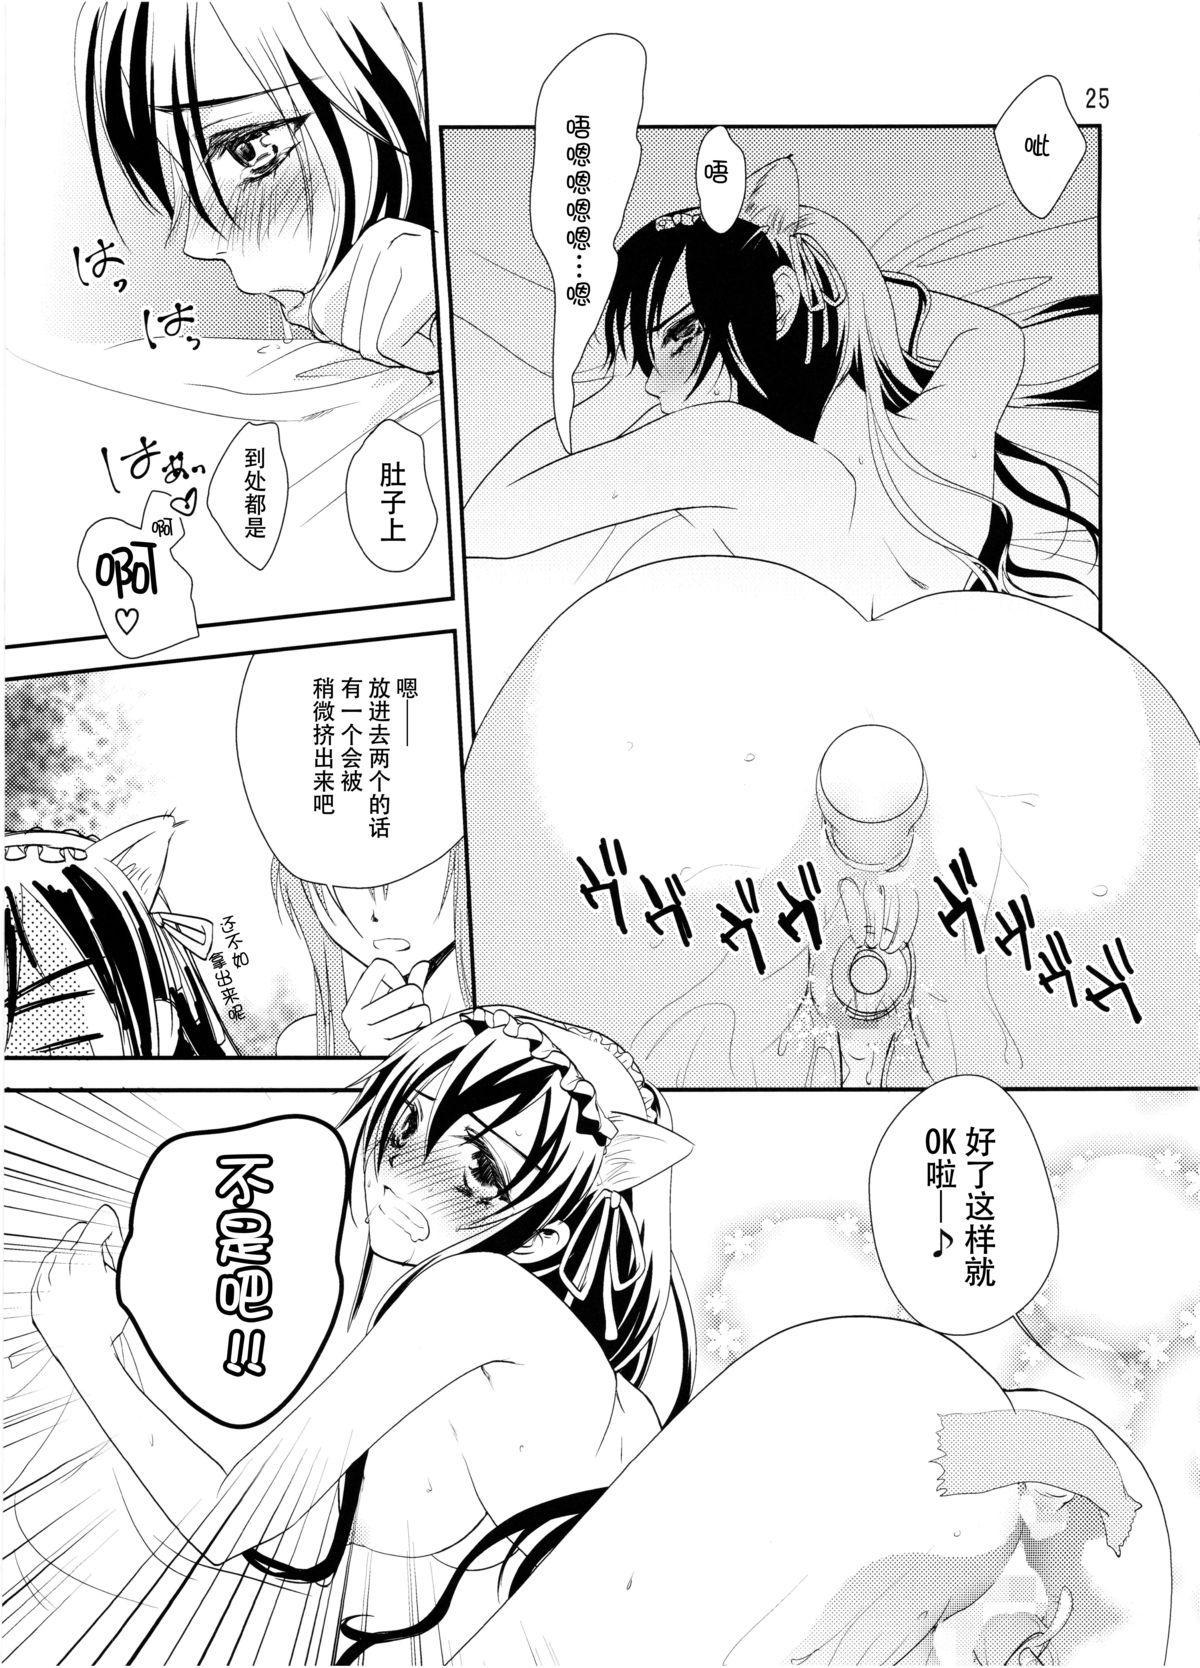 Kirito-kun no Shiroku Betatsuku nani ka 22